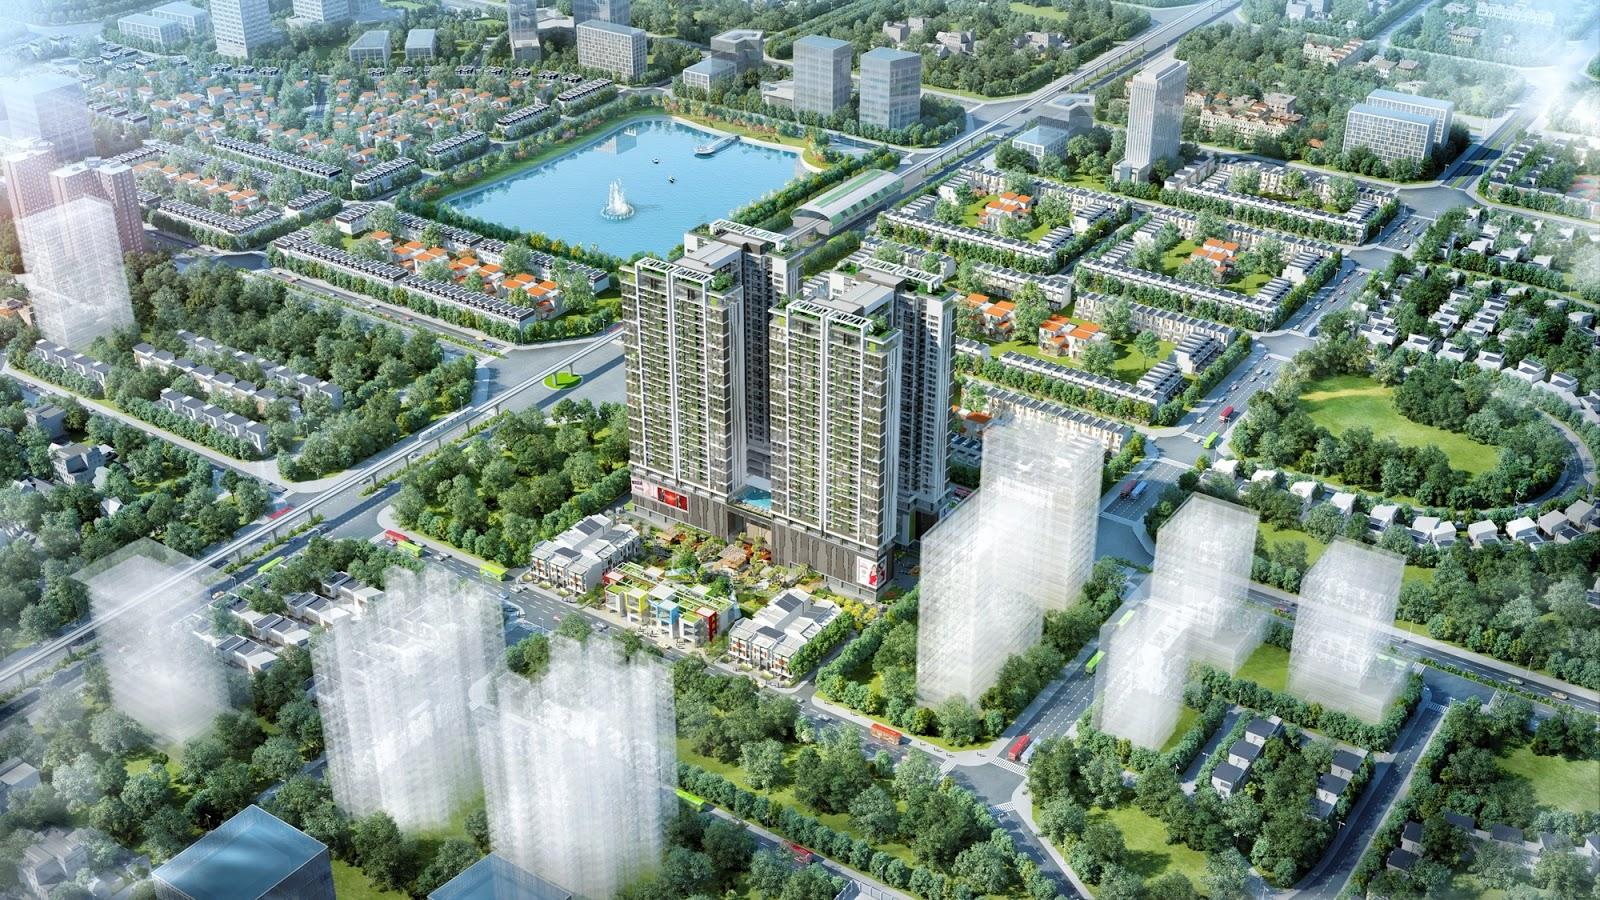 Phối cảnh dự án 6th Element thuộc khu đô thị Tây Hồ Tây sổ do Q. Tây Hồ cấp